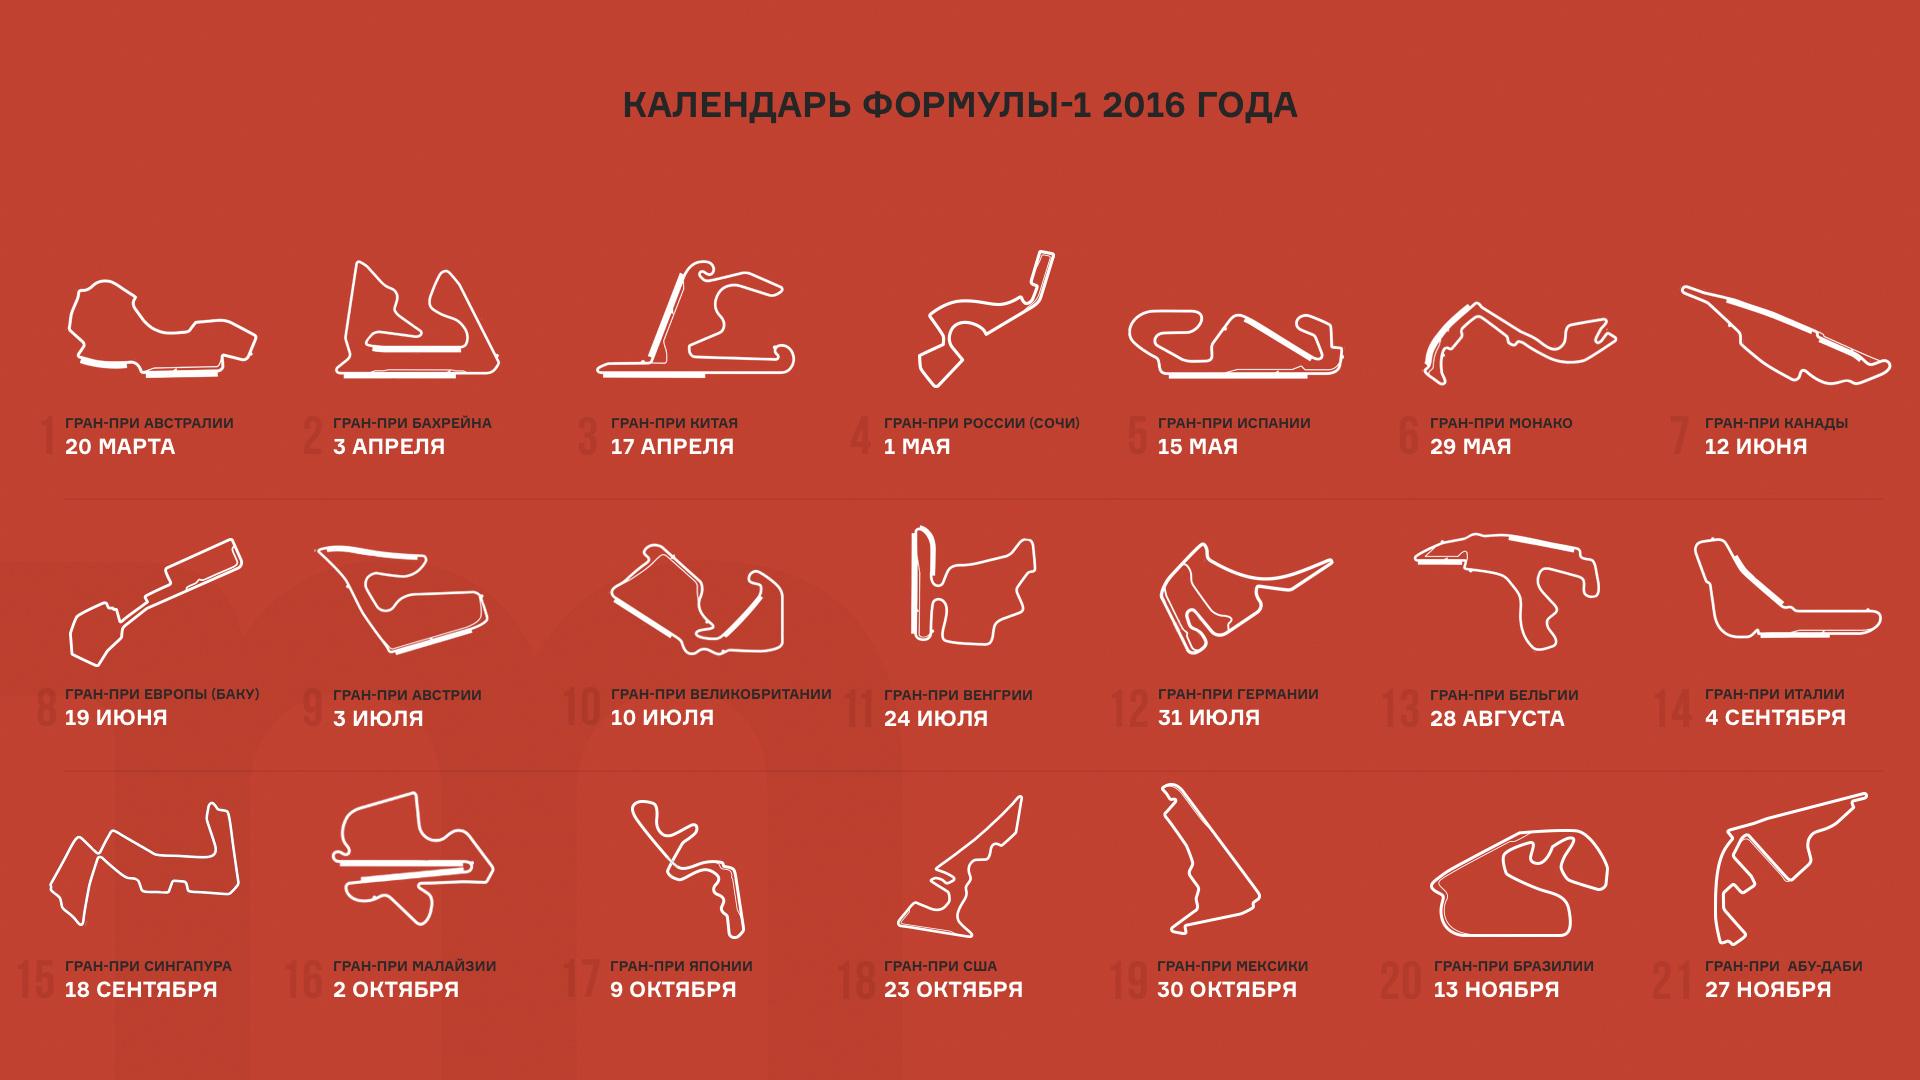 Главные вопросы о новом сезоне Формулы-1. Фото 11